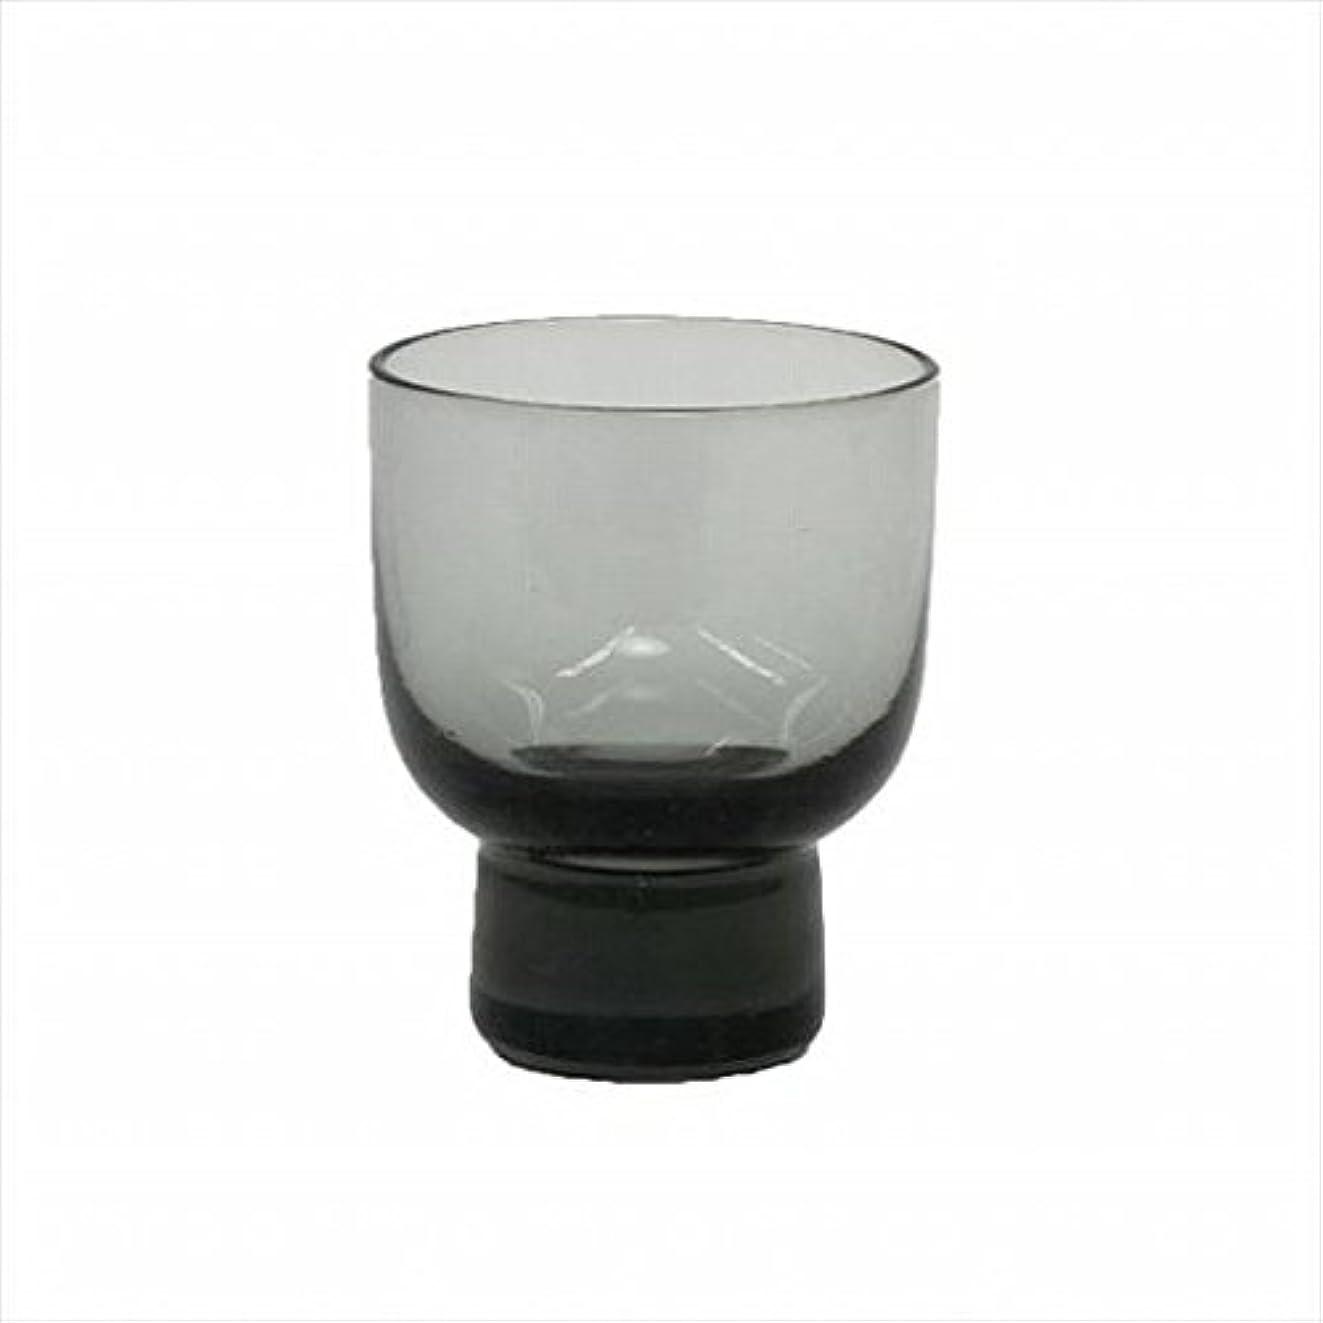 先住民確かな自己kameyama candle(カメヤマキャンドル) ロキカップ 「 スモーク 」 キャンドル 58x58x70mm (I8236100SM)